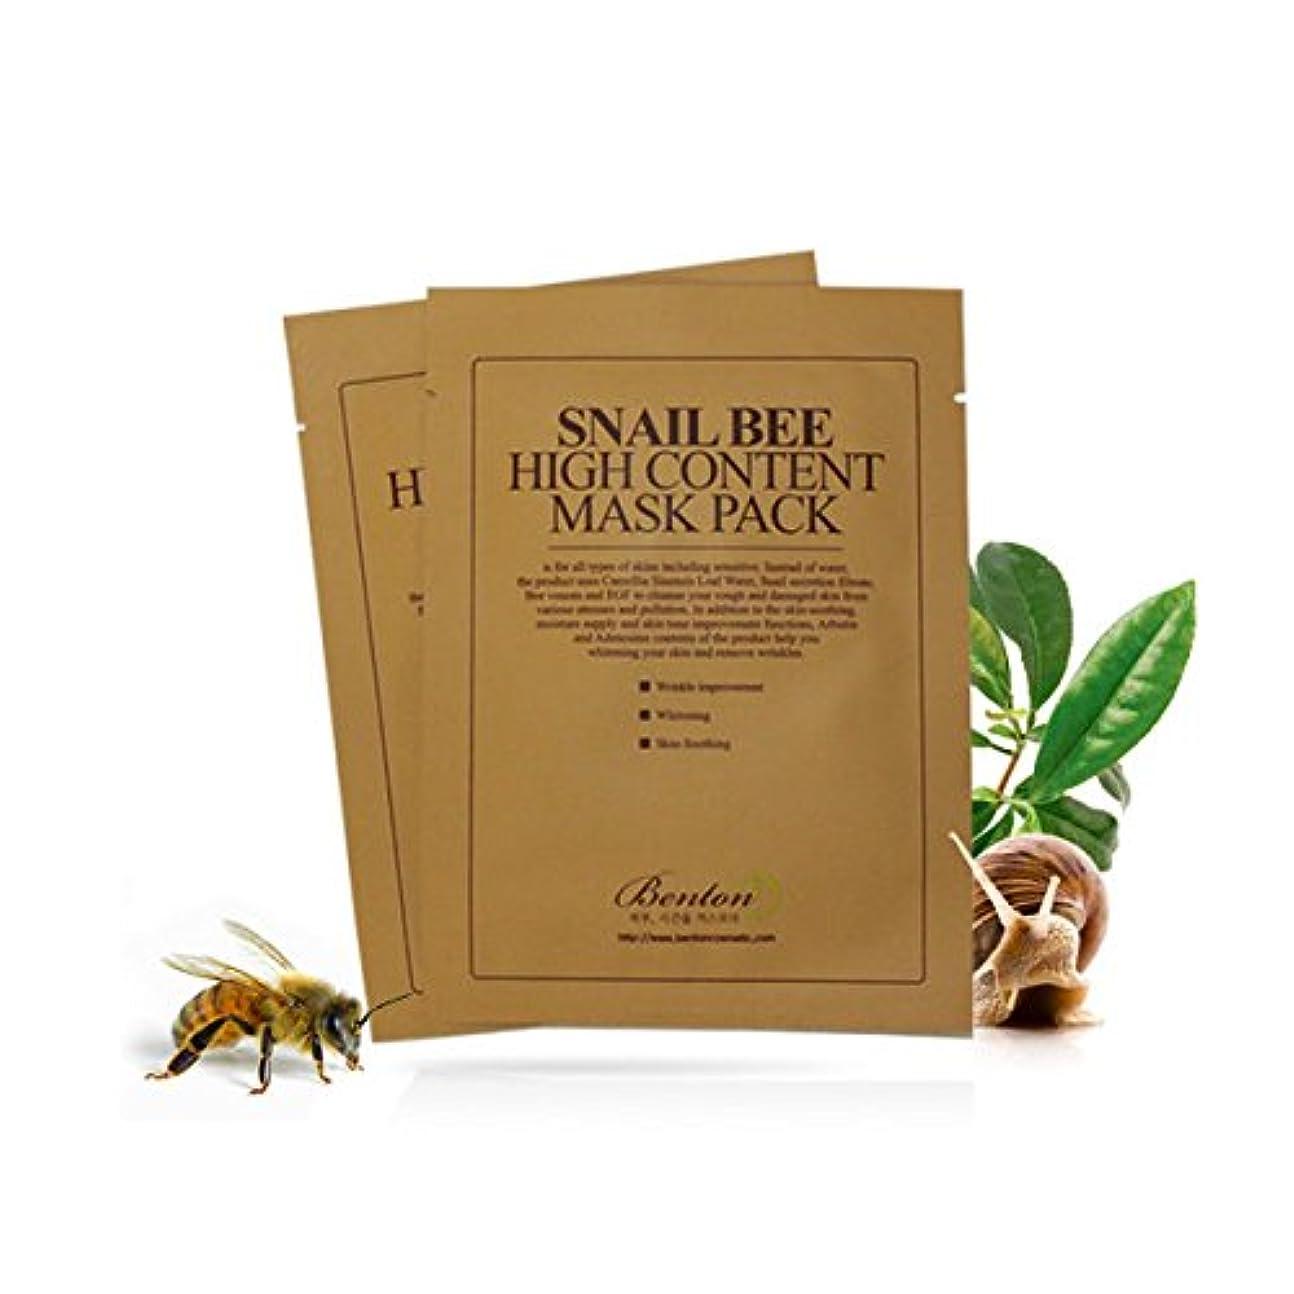 腹西喪[ベントン] BENTON カタツムリ蜂の高いコンテンツ?マスクパック Snail Bee High Content Mask Pack Sheet 10 Pcs [並行輸入品]